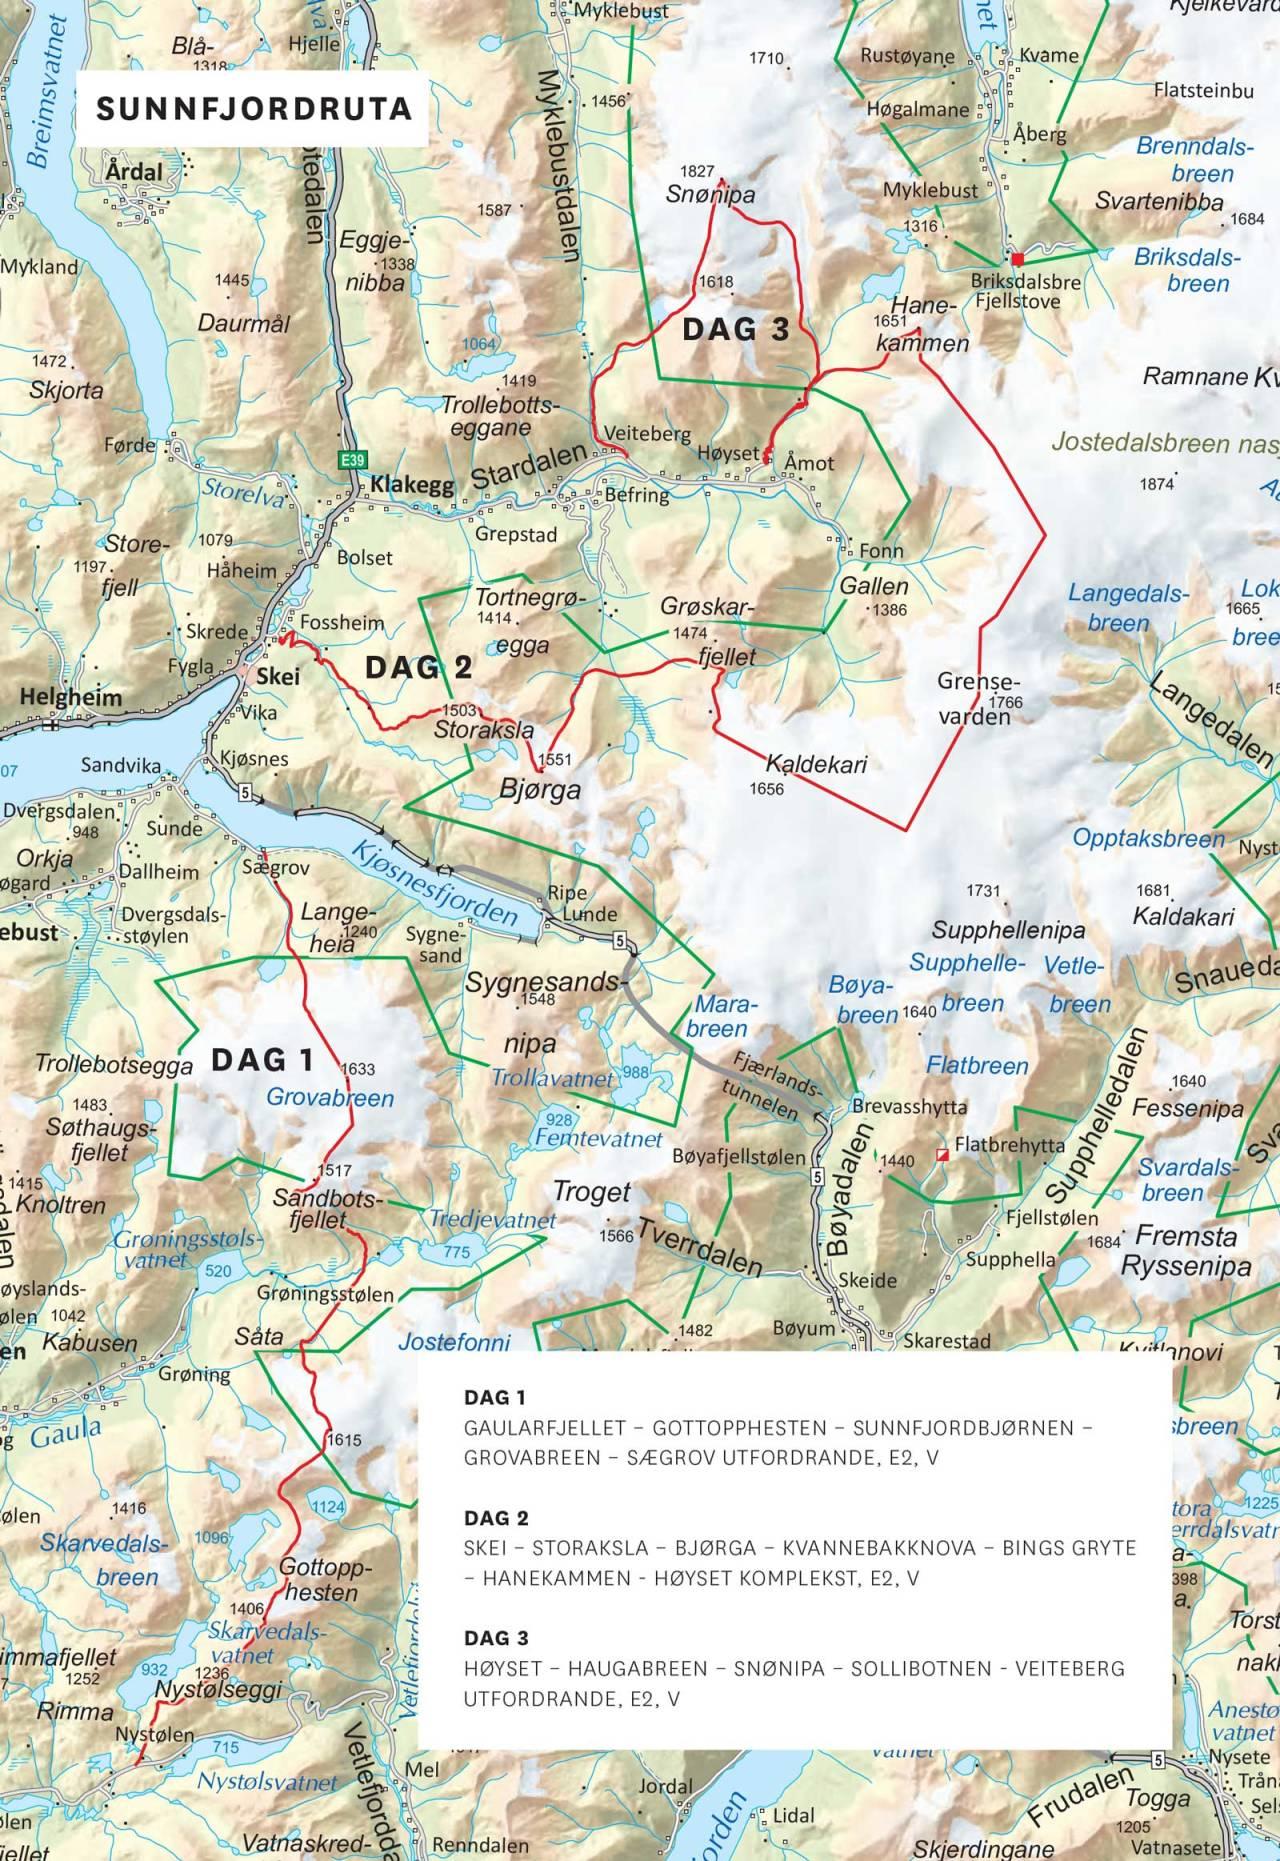 Kart over Sunnfjordruta med inntegnet rute. Frå Toppturar i Sunnfjord.